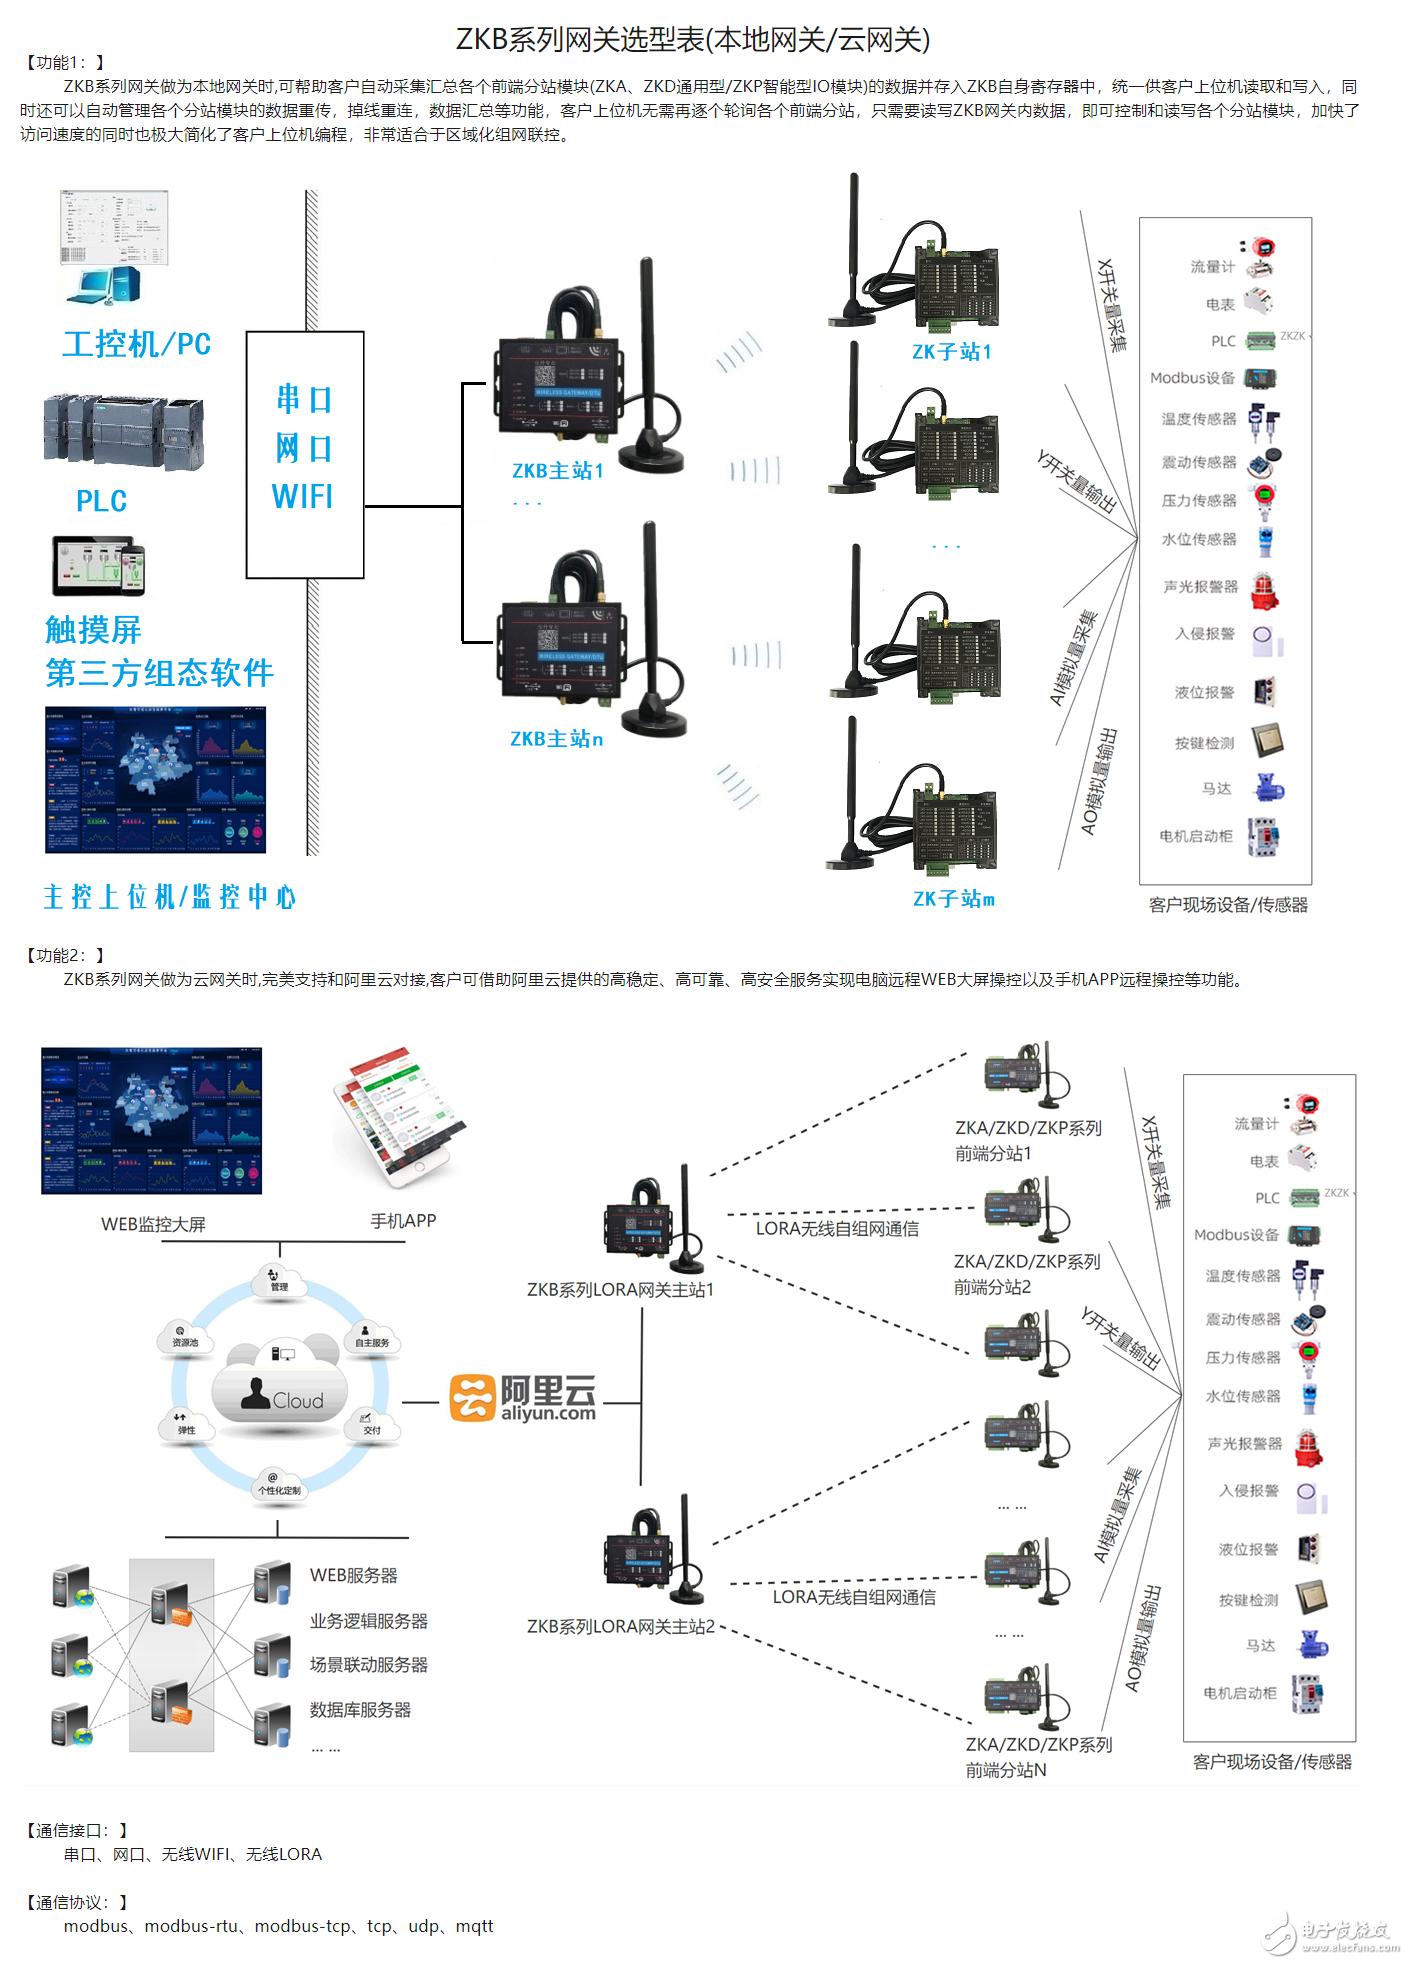 如何通过MQTT协议连接物联网阿里云实现设备的远程IO监控开关量数字量模拟量状态的读取及控制